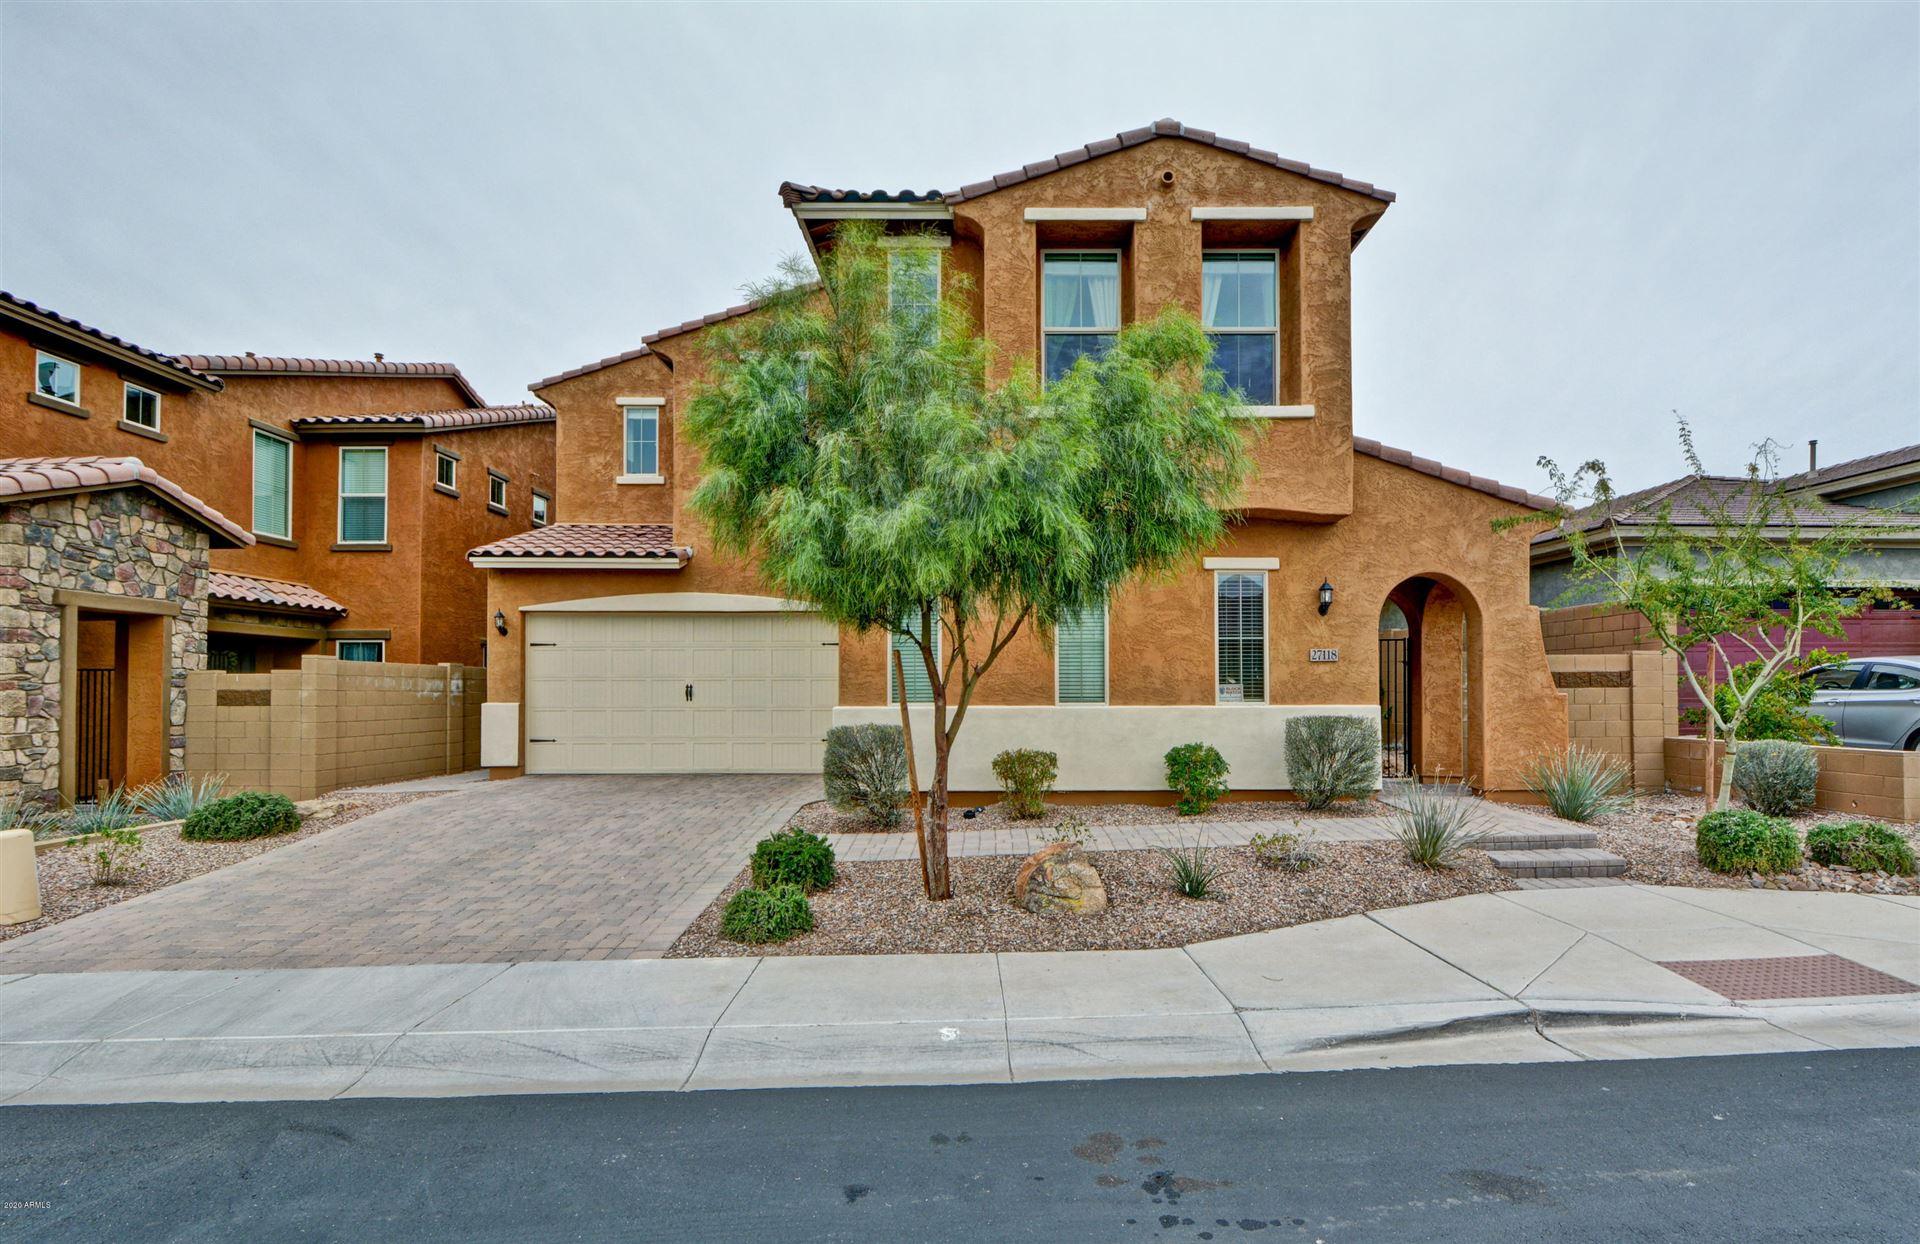 27118 N 18TH Lane, Phoenix, AZ 85085 - MLS#: 6054427